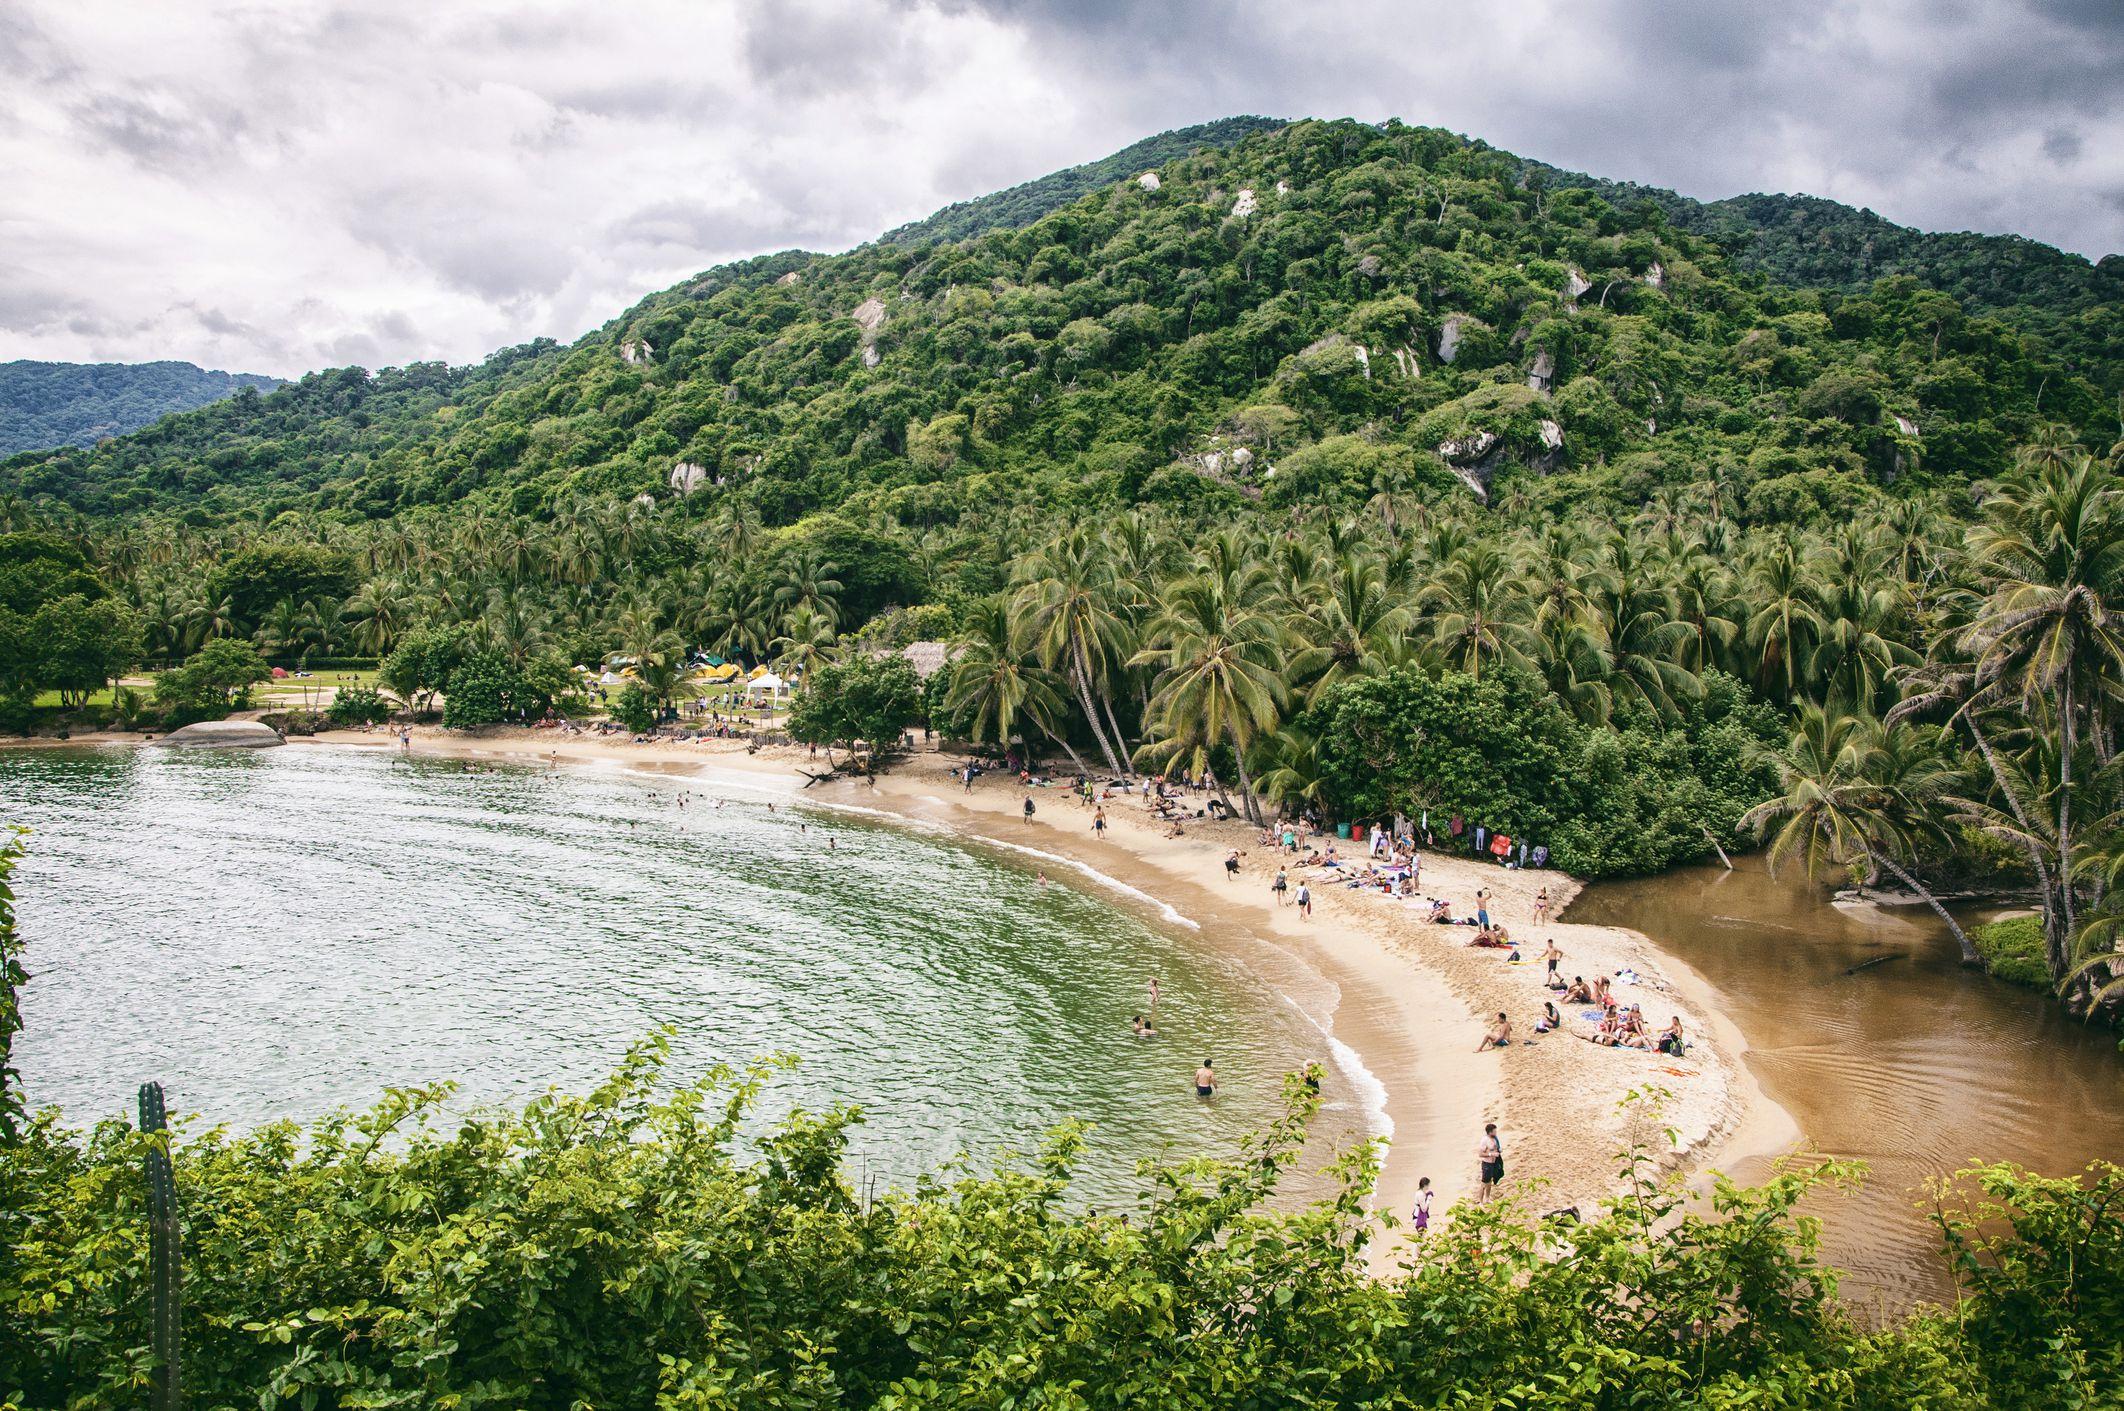 Parque Nacionale Tayrona